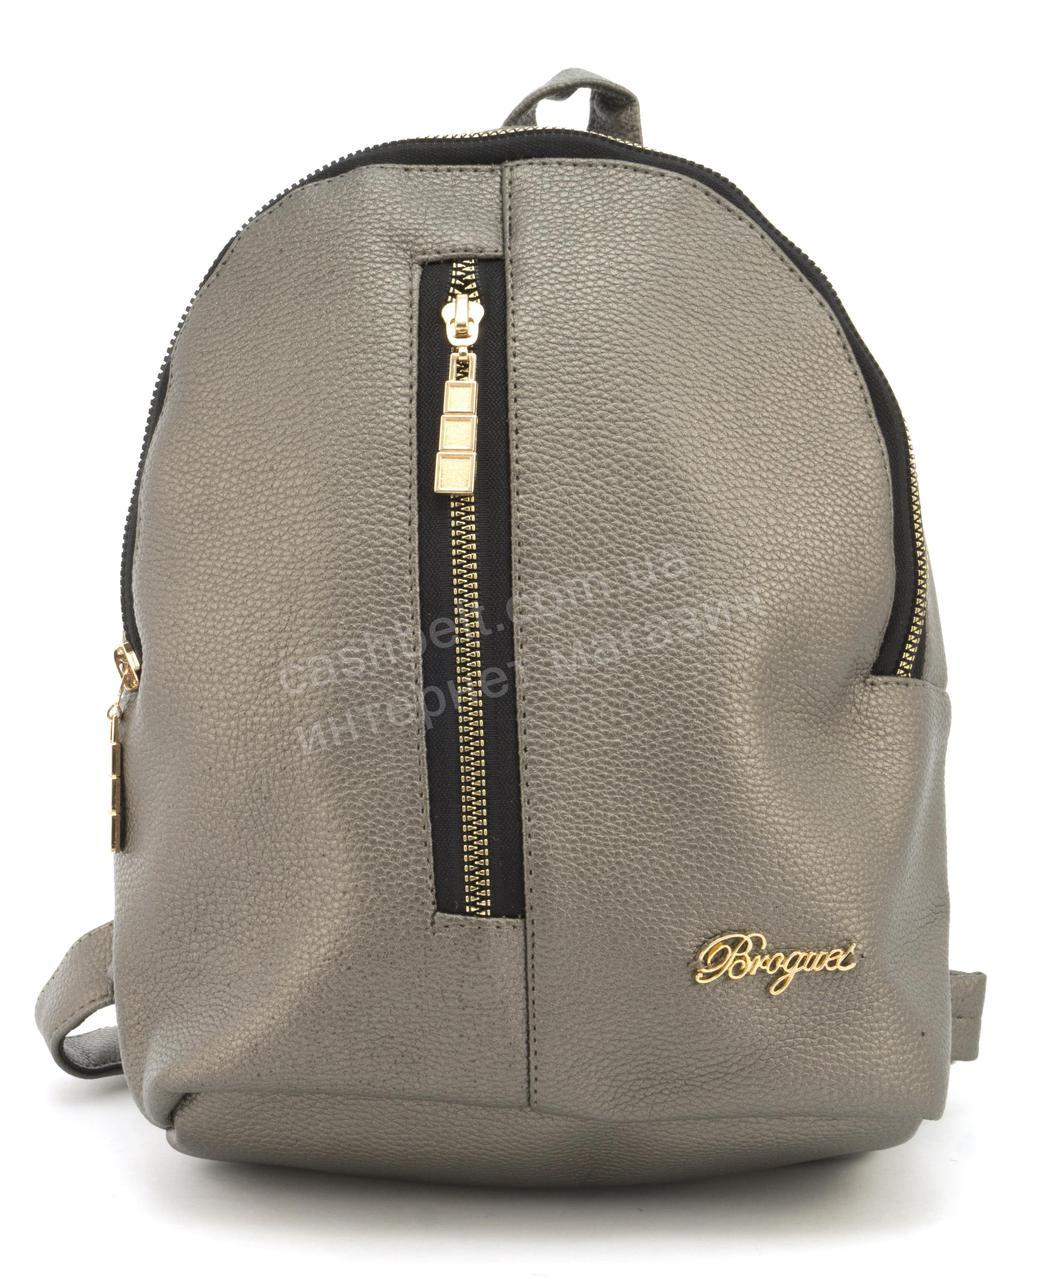 73b1f10c545e Стильный прочный и надежный маленький рюкзачок Suliya art. 31 (102203) серый